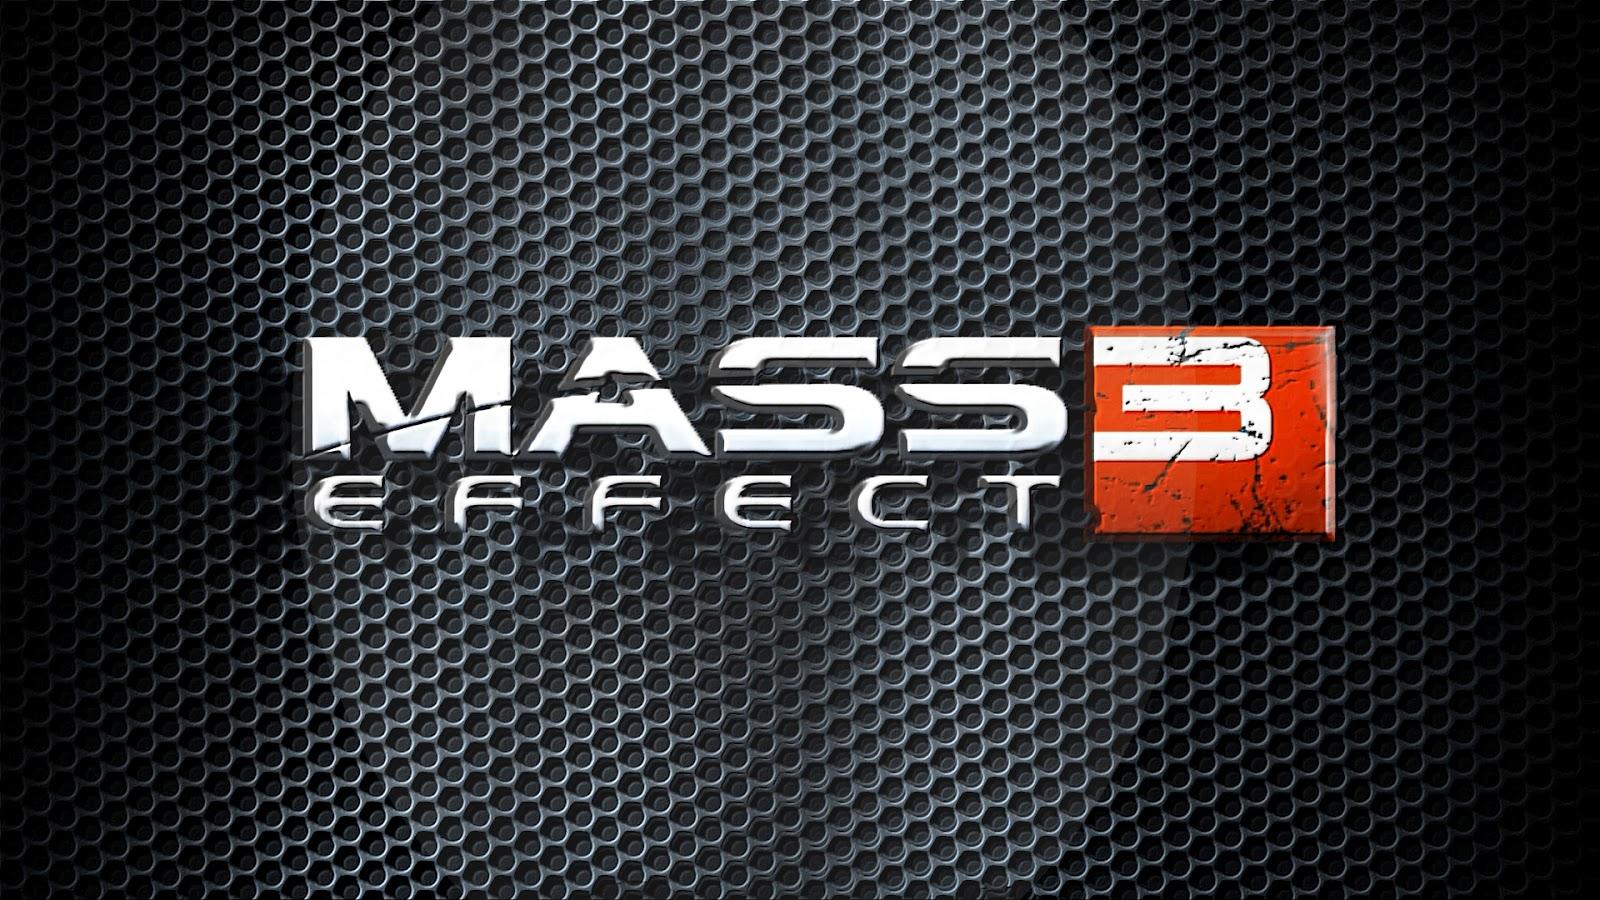 http://4.bp.blogspot.com/-aW4yY-E8BCo/T38j1H2GLJI/AAAAAAAALMQ/tnx2E_sbBbo/s1600/Mass_Effect_3_Game_Wallpaper_1920x1080.jpg